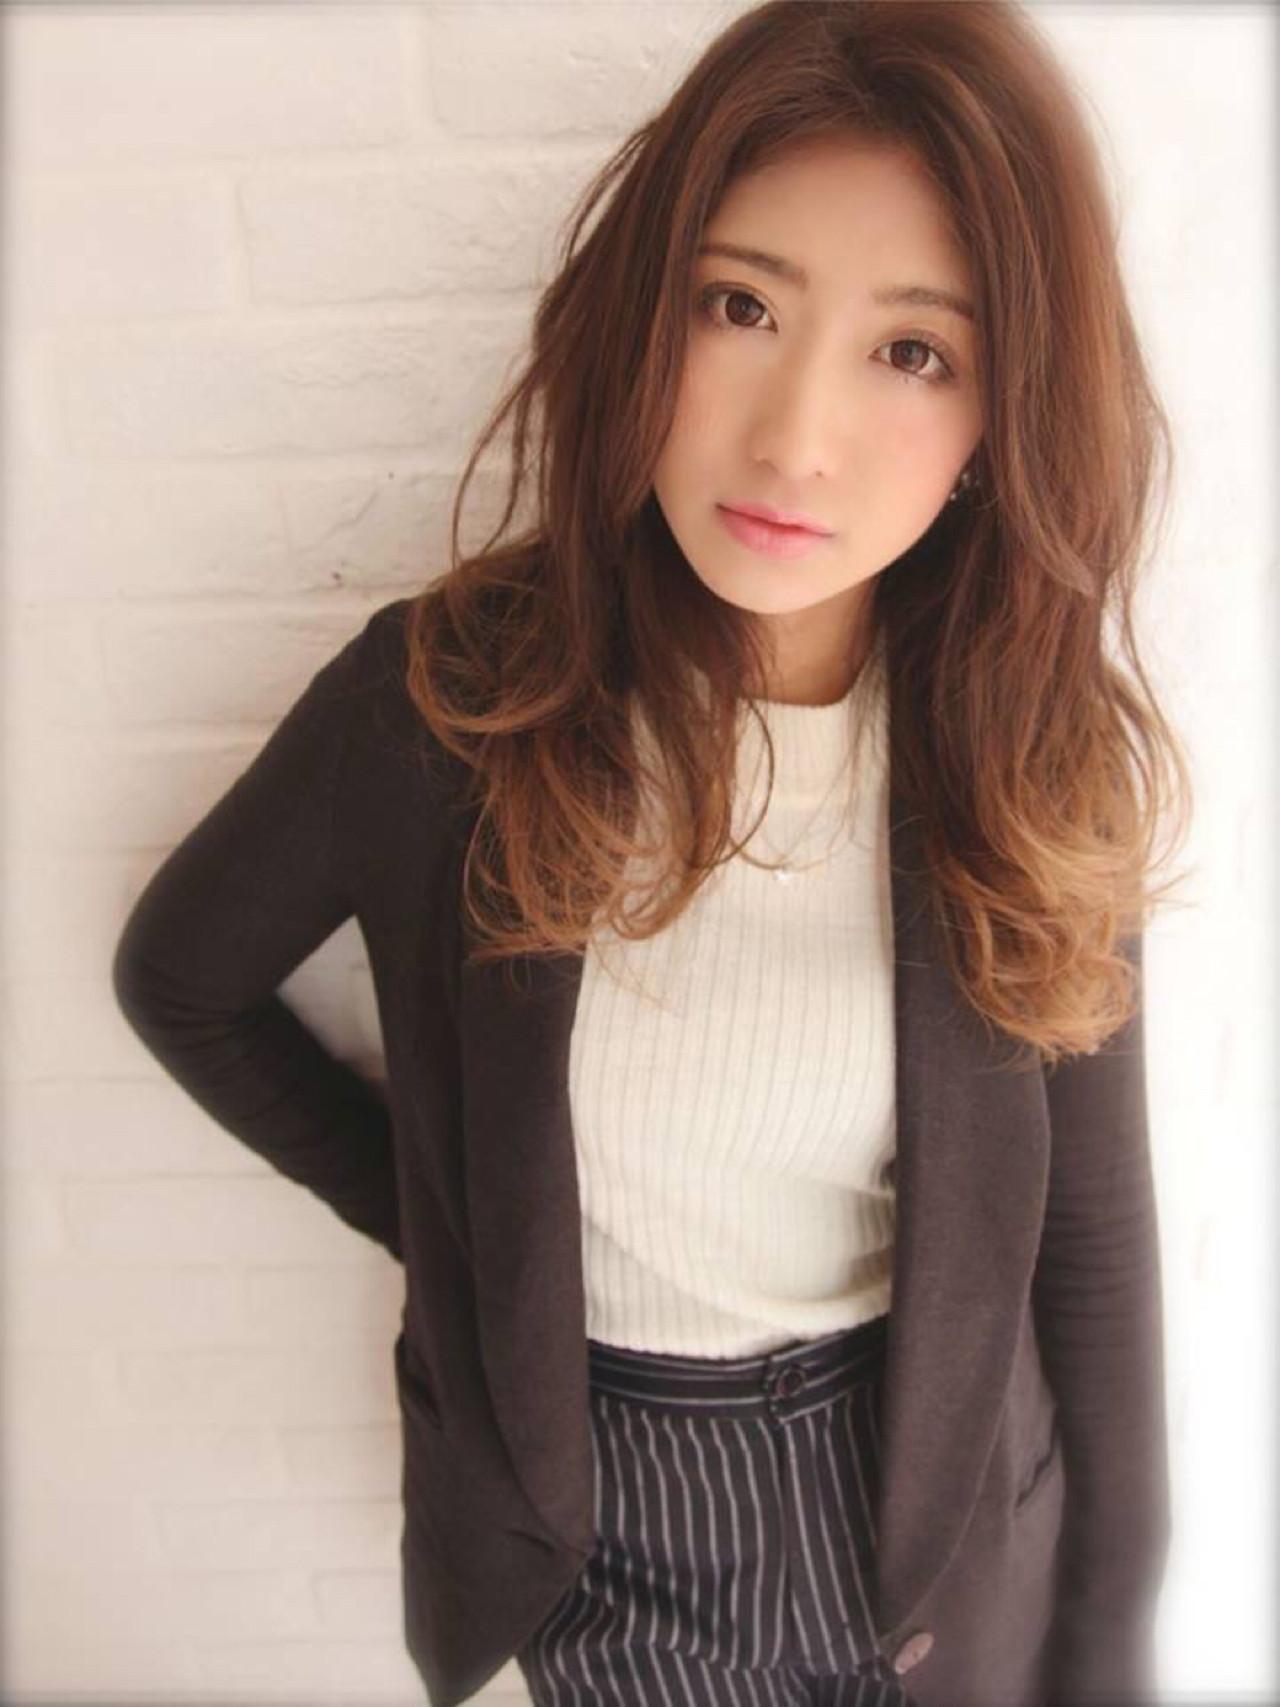 髪型を変えれば、あなたはもっと魅力的になれる。40代におすすめのヘアスタイル PITO hair salon/nakano